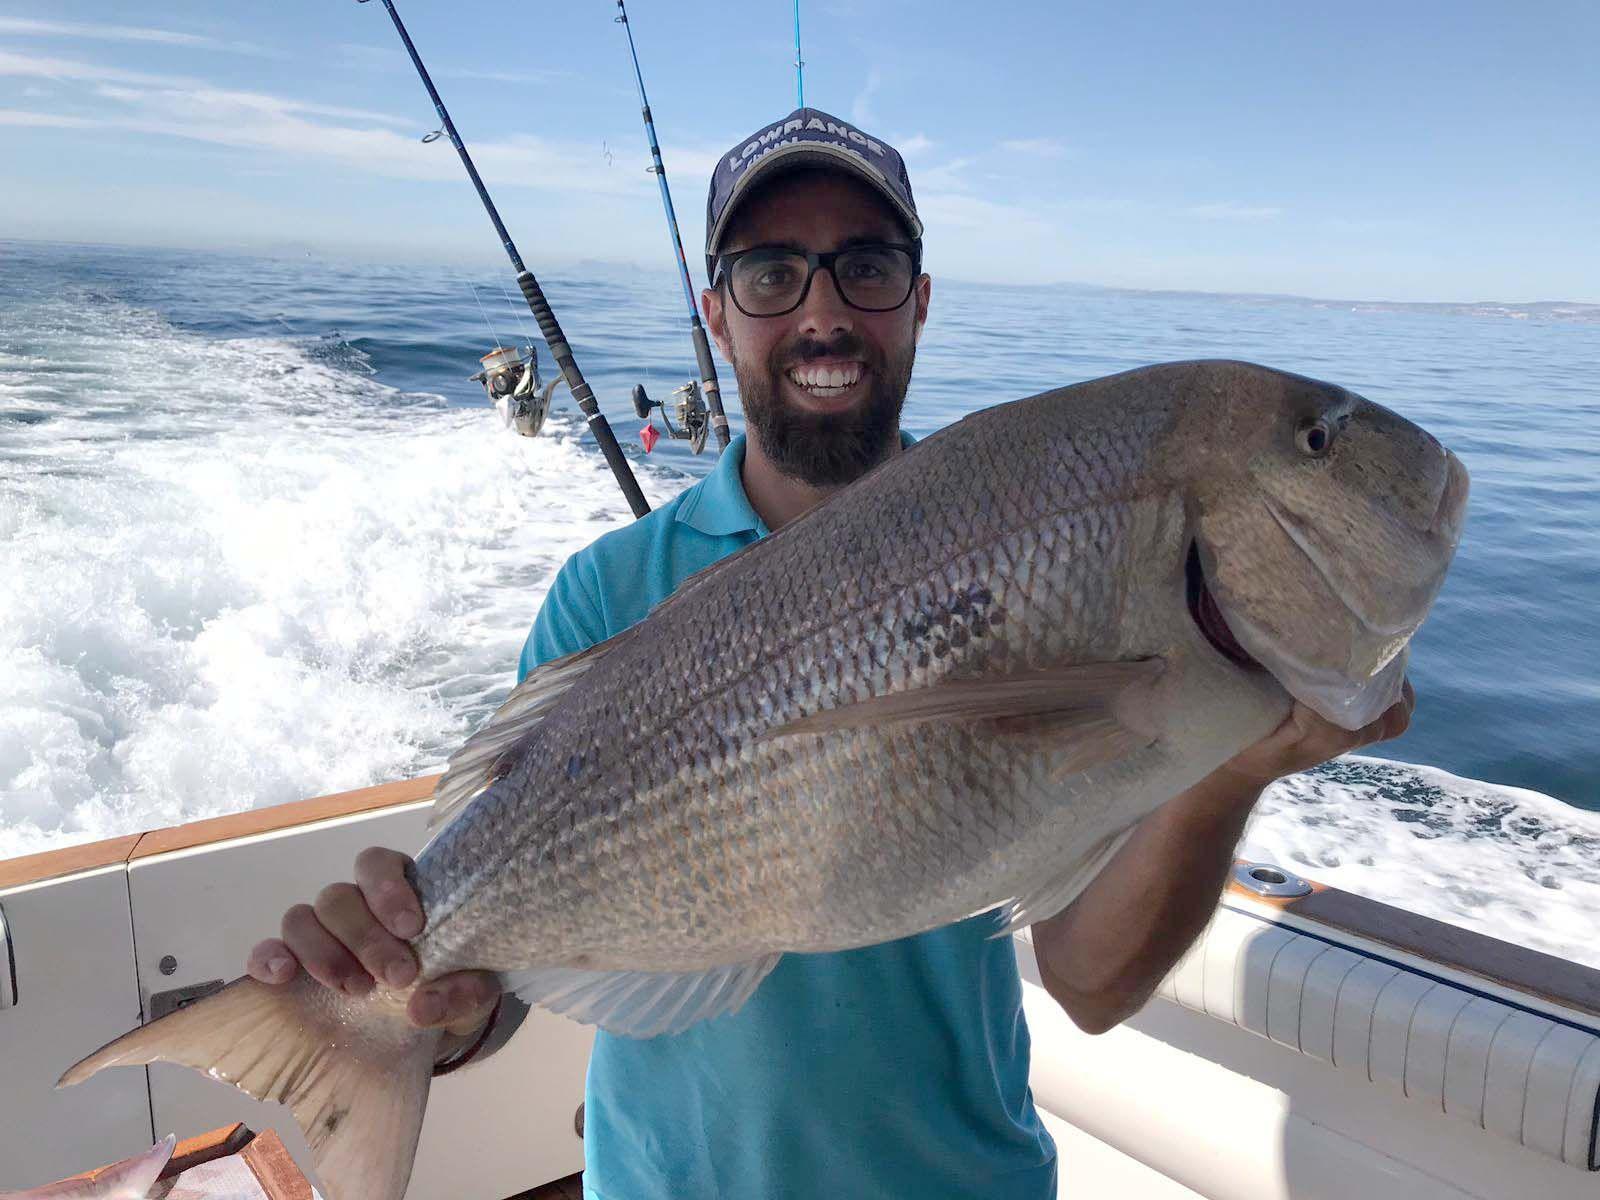 La pesca en invierno en la Costa del Sol según Lovit Charter Marbella 2